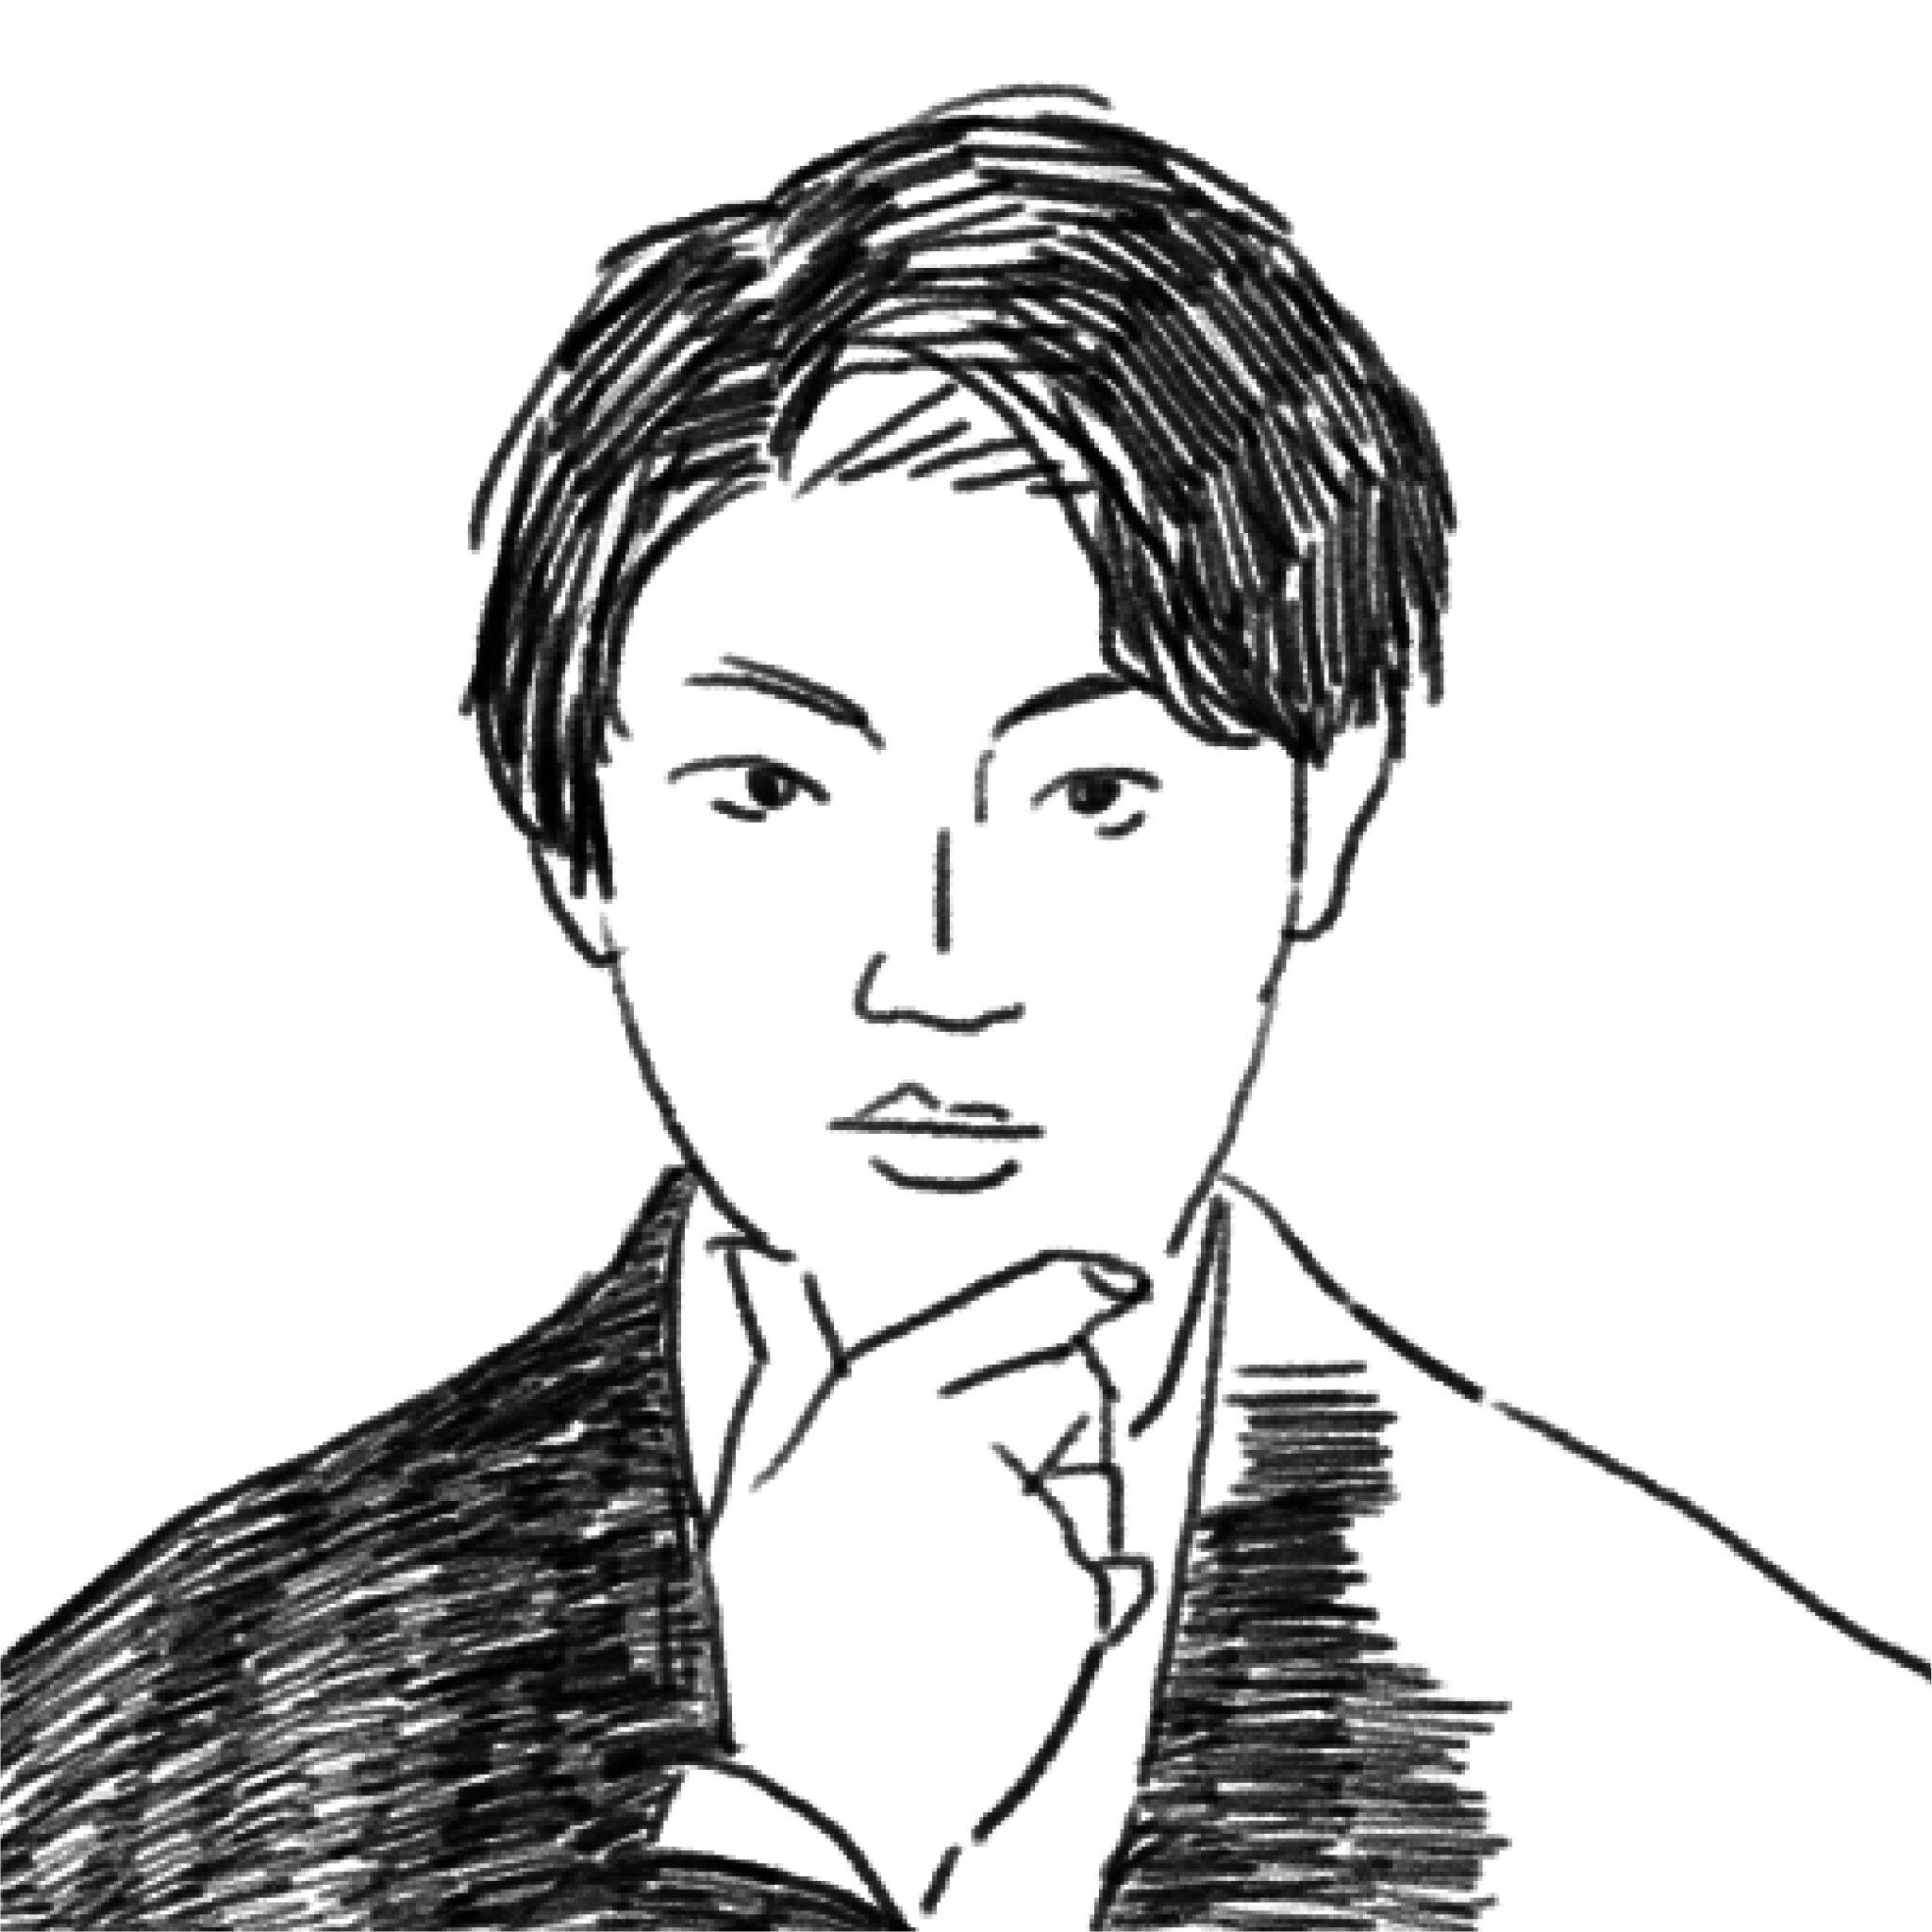 FUJIMOTO Haruki